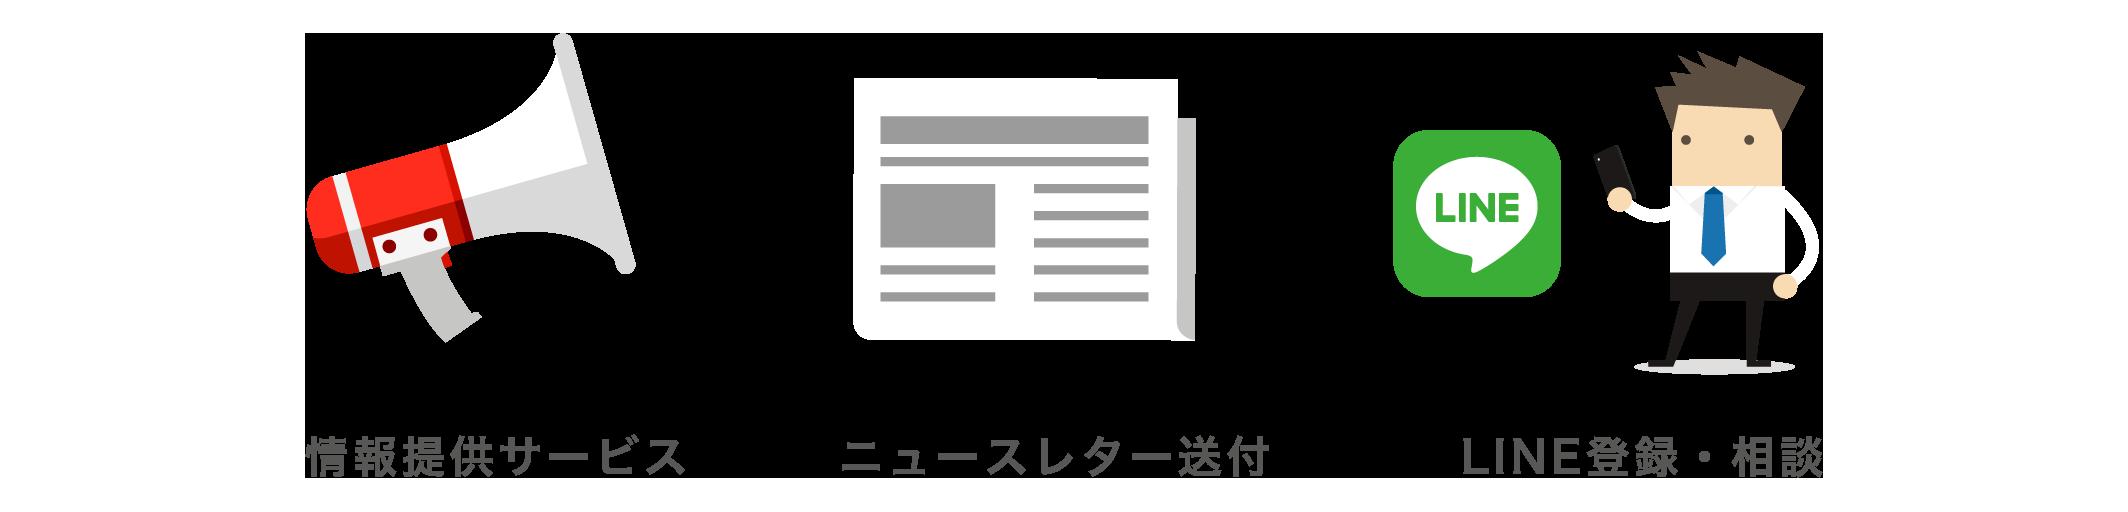 定期労務監査チェック(※有料サービス) / 情報提供サービス / ニュースレター送付 / LINE登録・相談